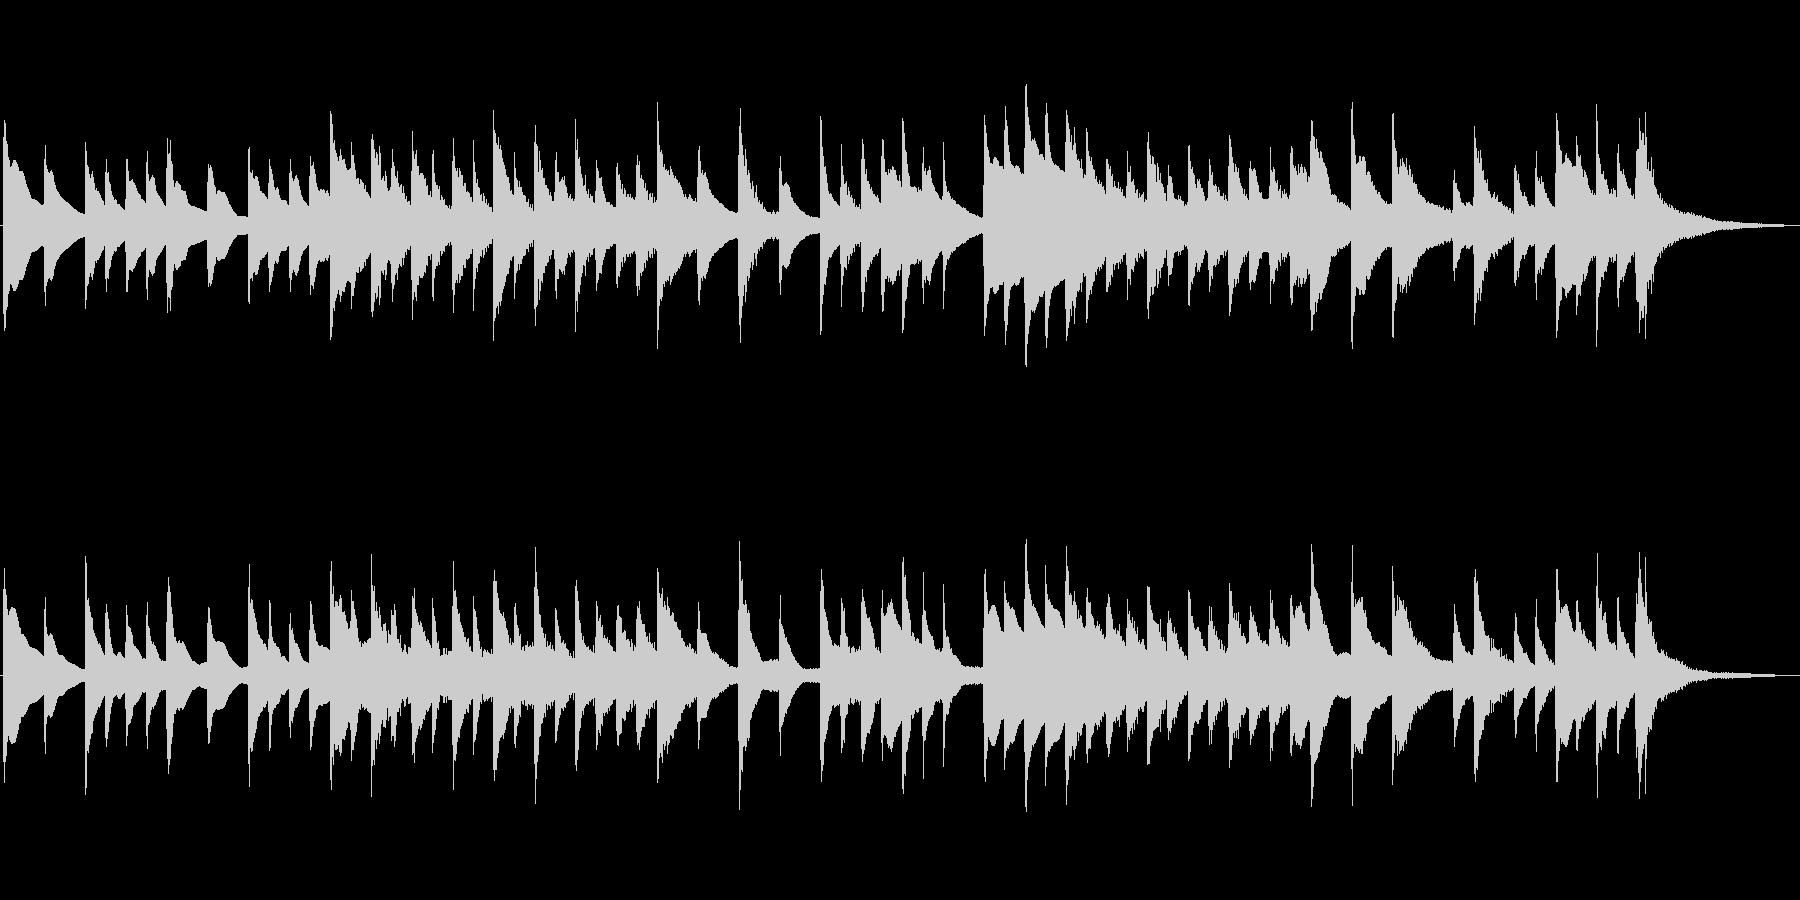 桜の曲オマージュ作品 琴の未再生の波形